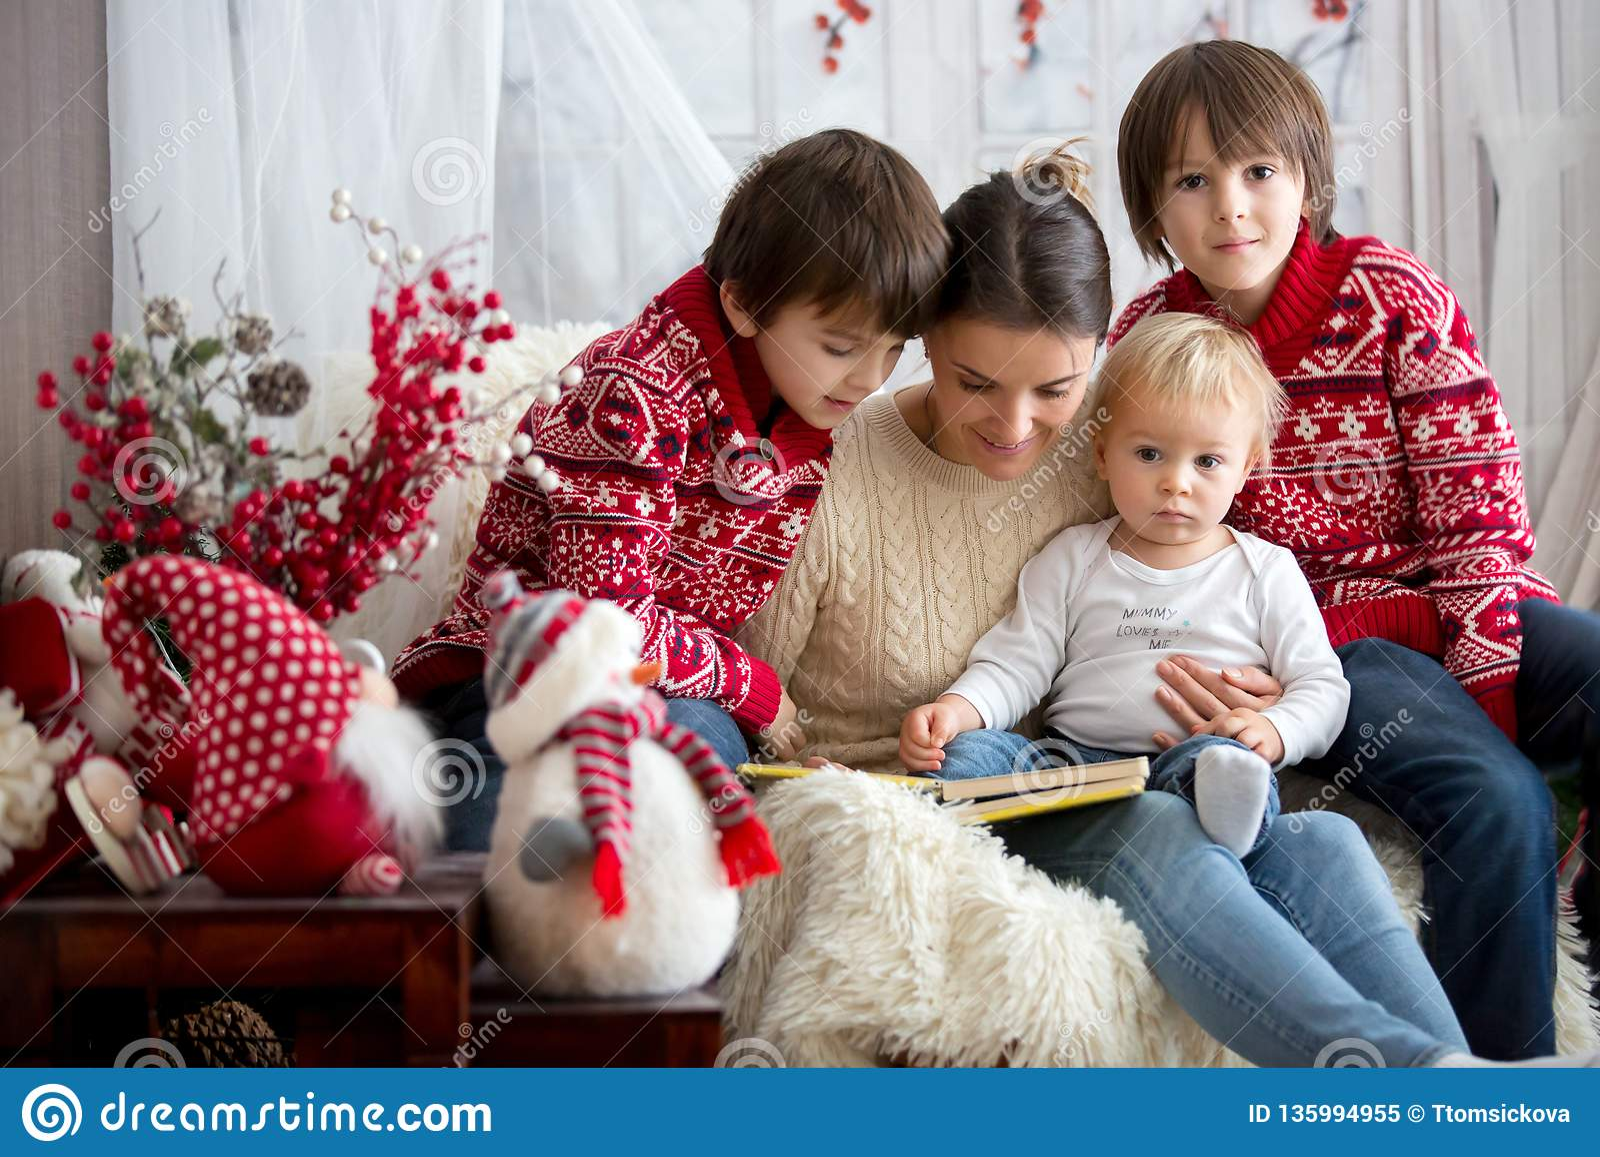 Η μητέρα διαβάζει το βιβλίο στους γιους της, παιδιά που κάθονται στην άνετη πολυθρόνα μια χιονώδη χειμερινή ημέρα